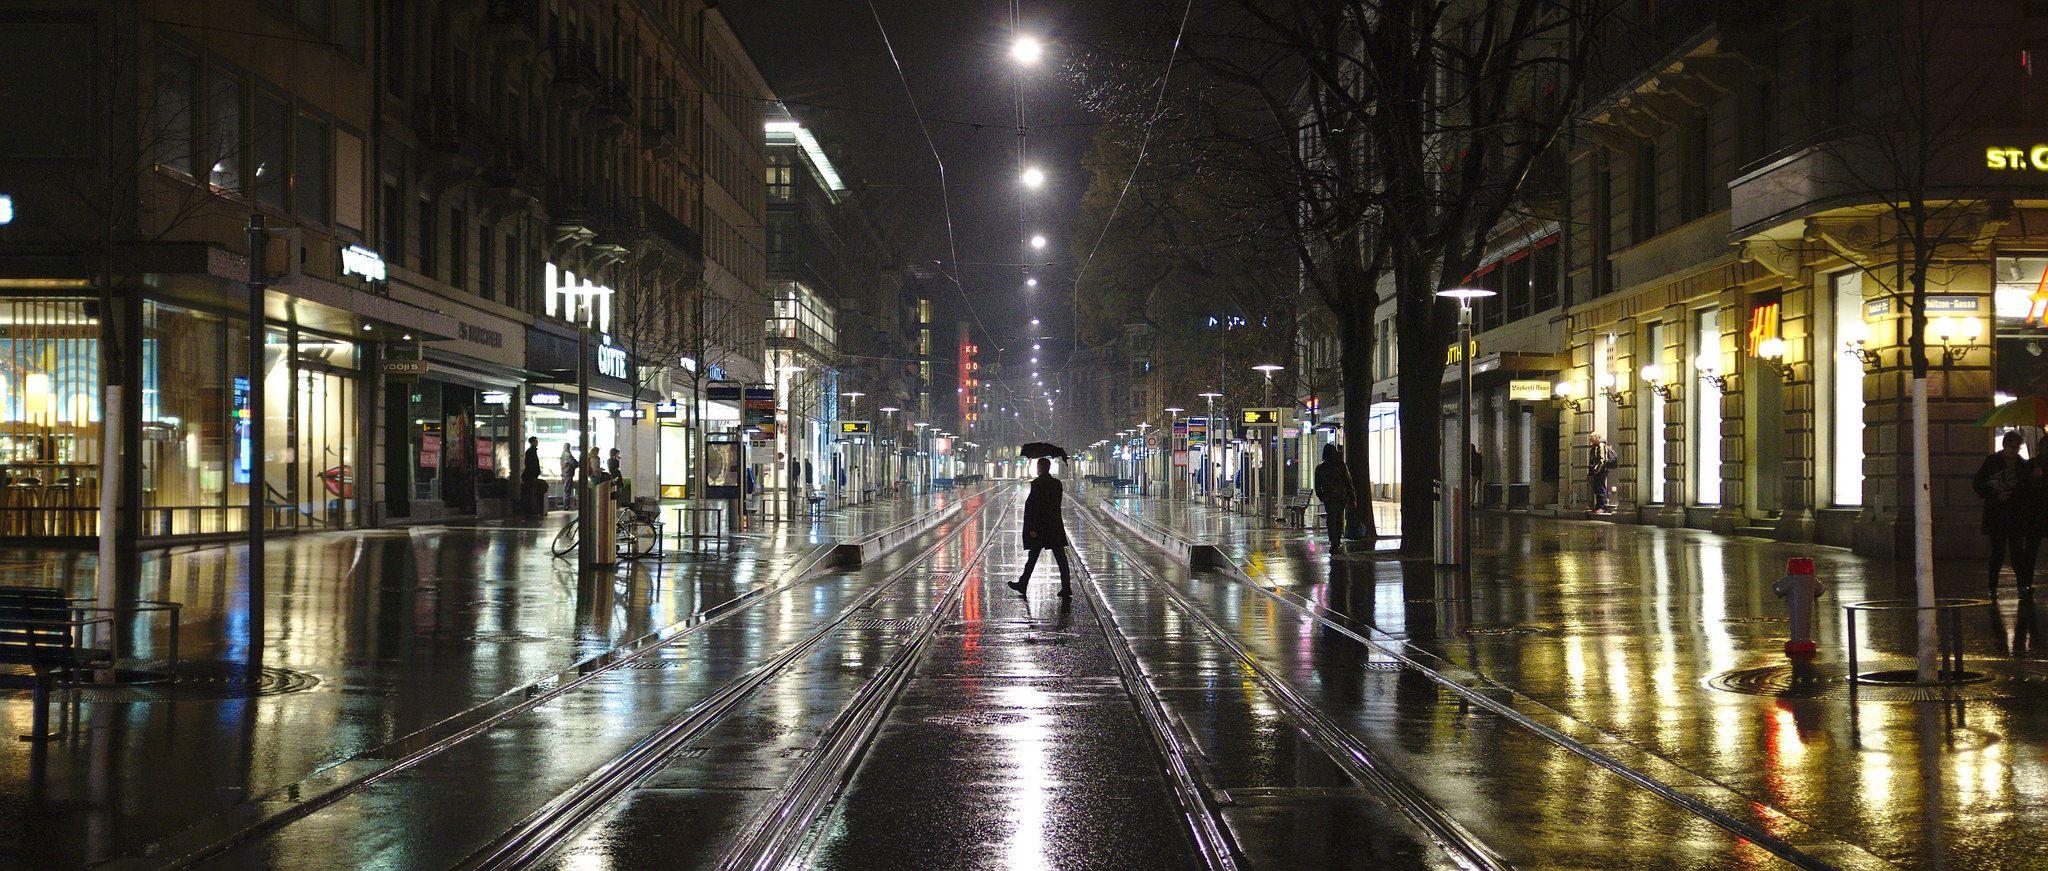 https://flic.kr/p/FzWEn3 | Bahnhofstrasse | Zürich